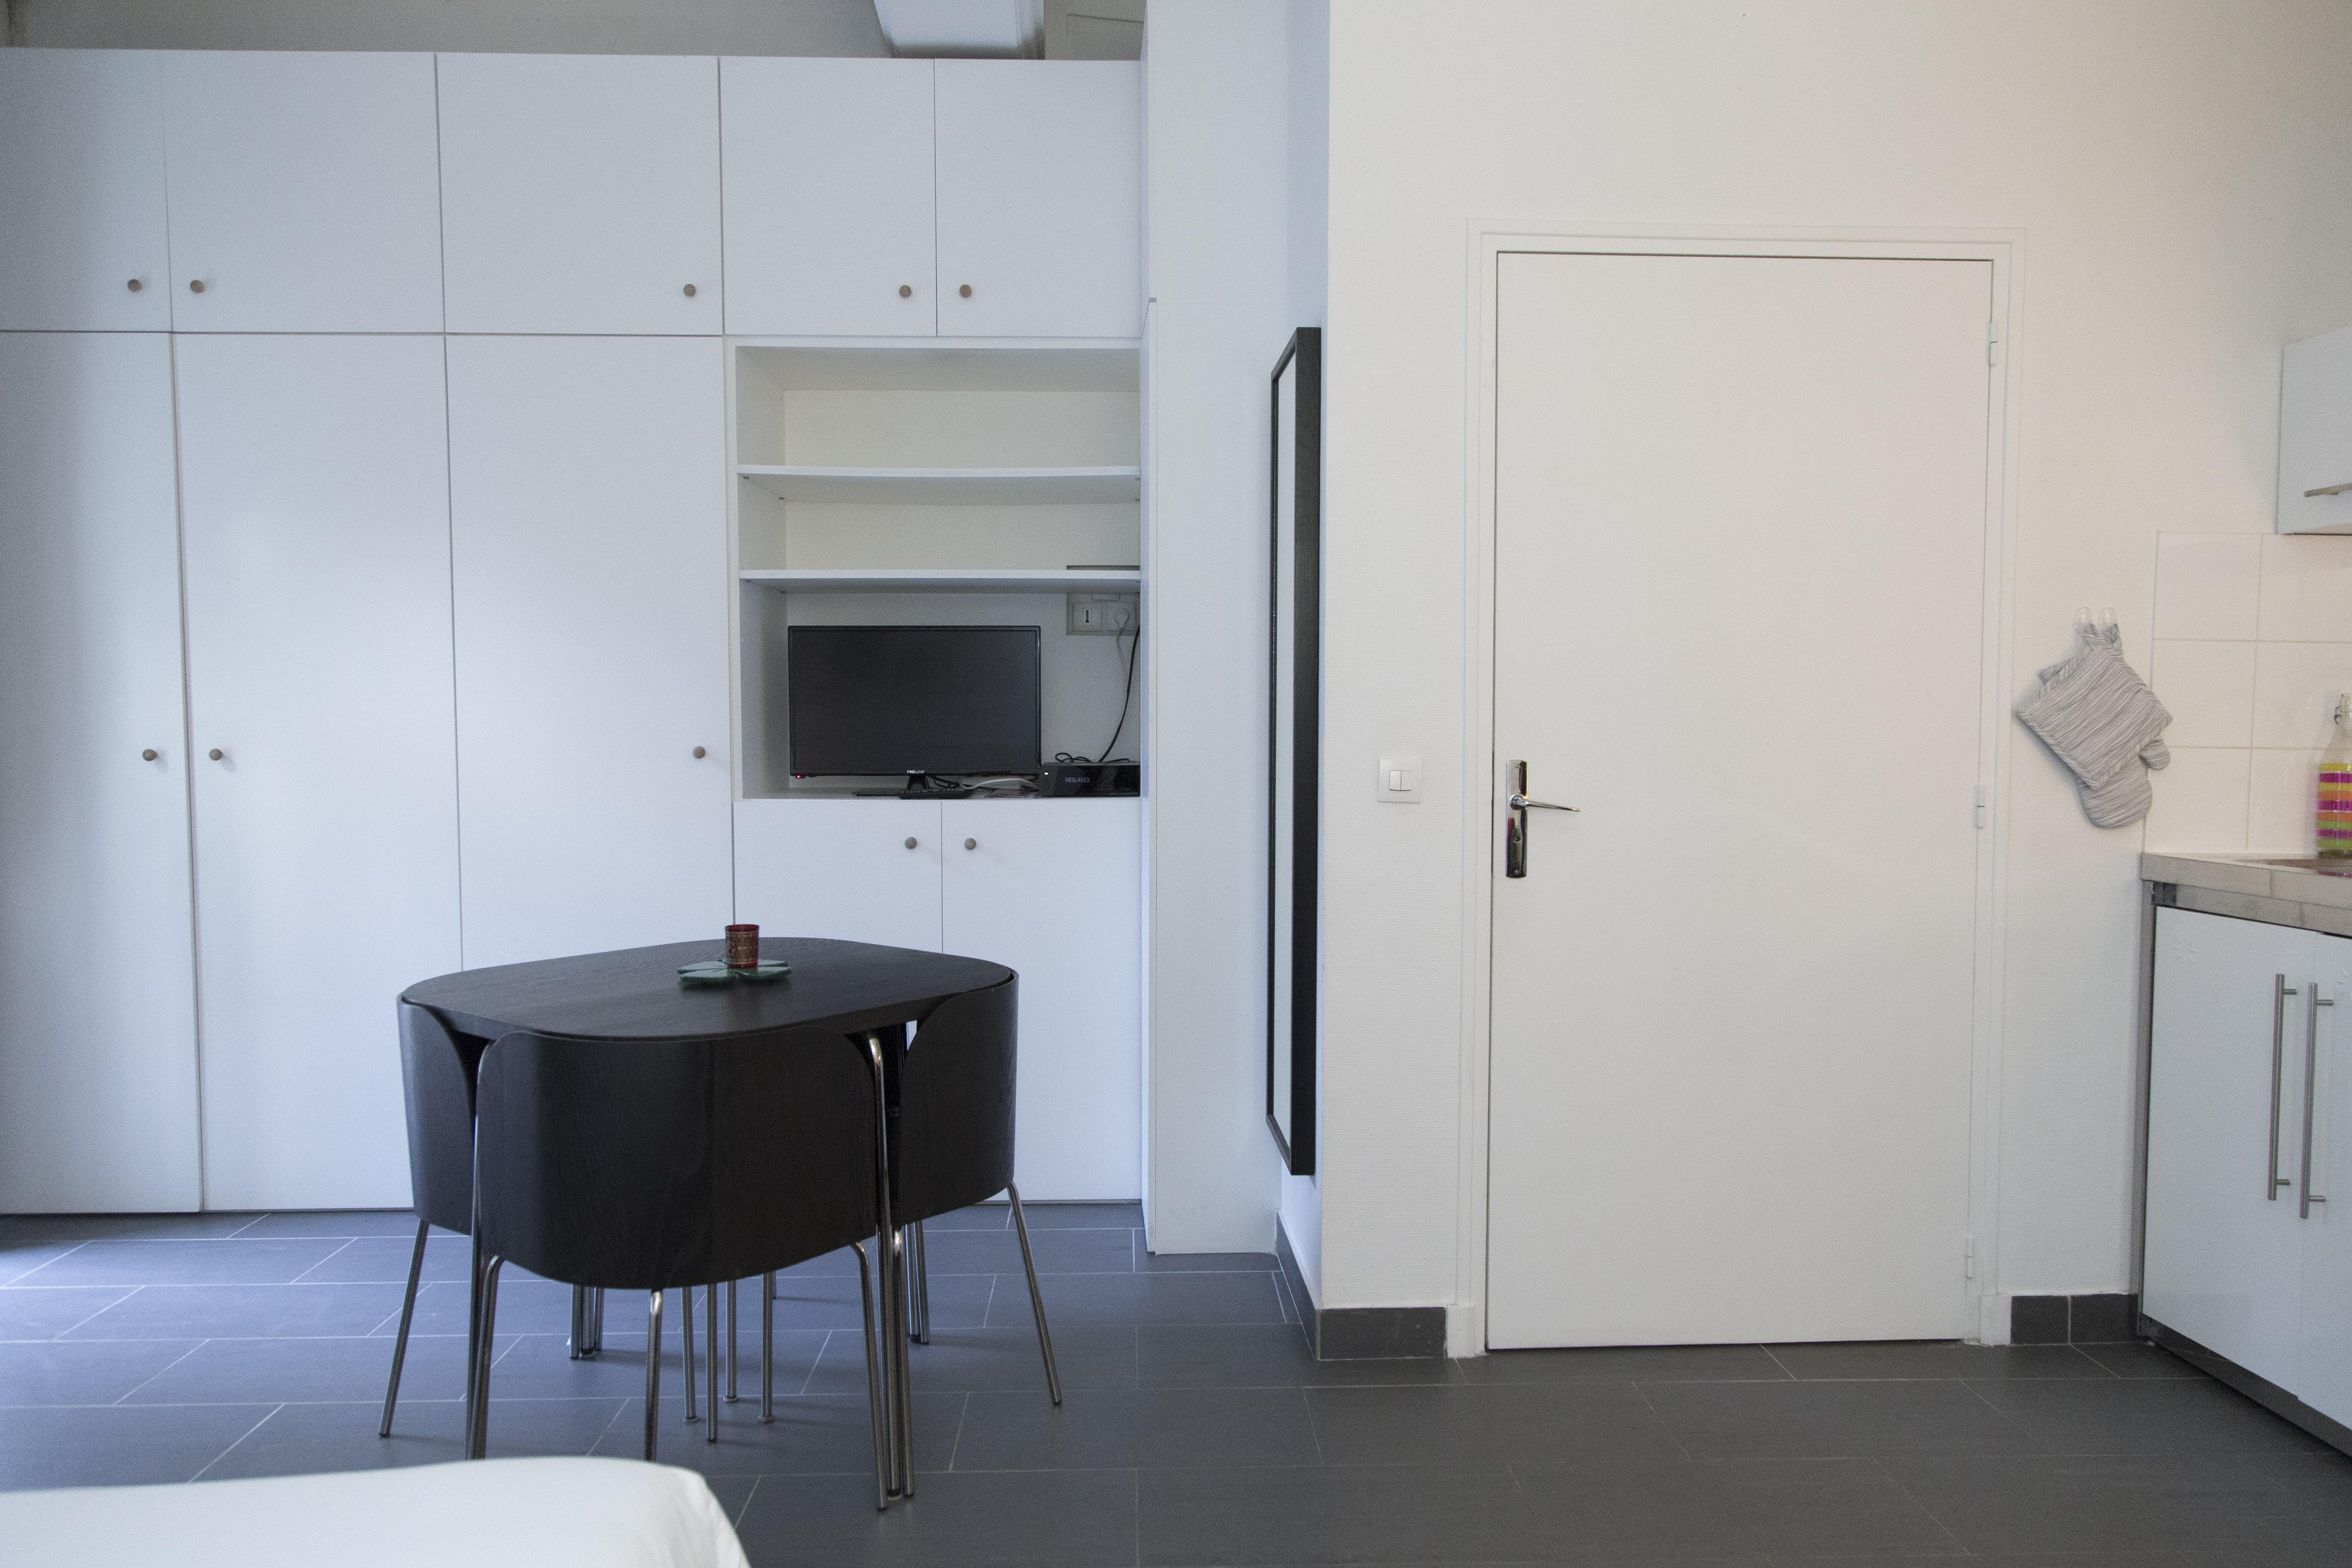 Appartement 4 pers 6 rue bonaparte paris 3 appartauteuil - Rue bonaparte paris 6 ...